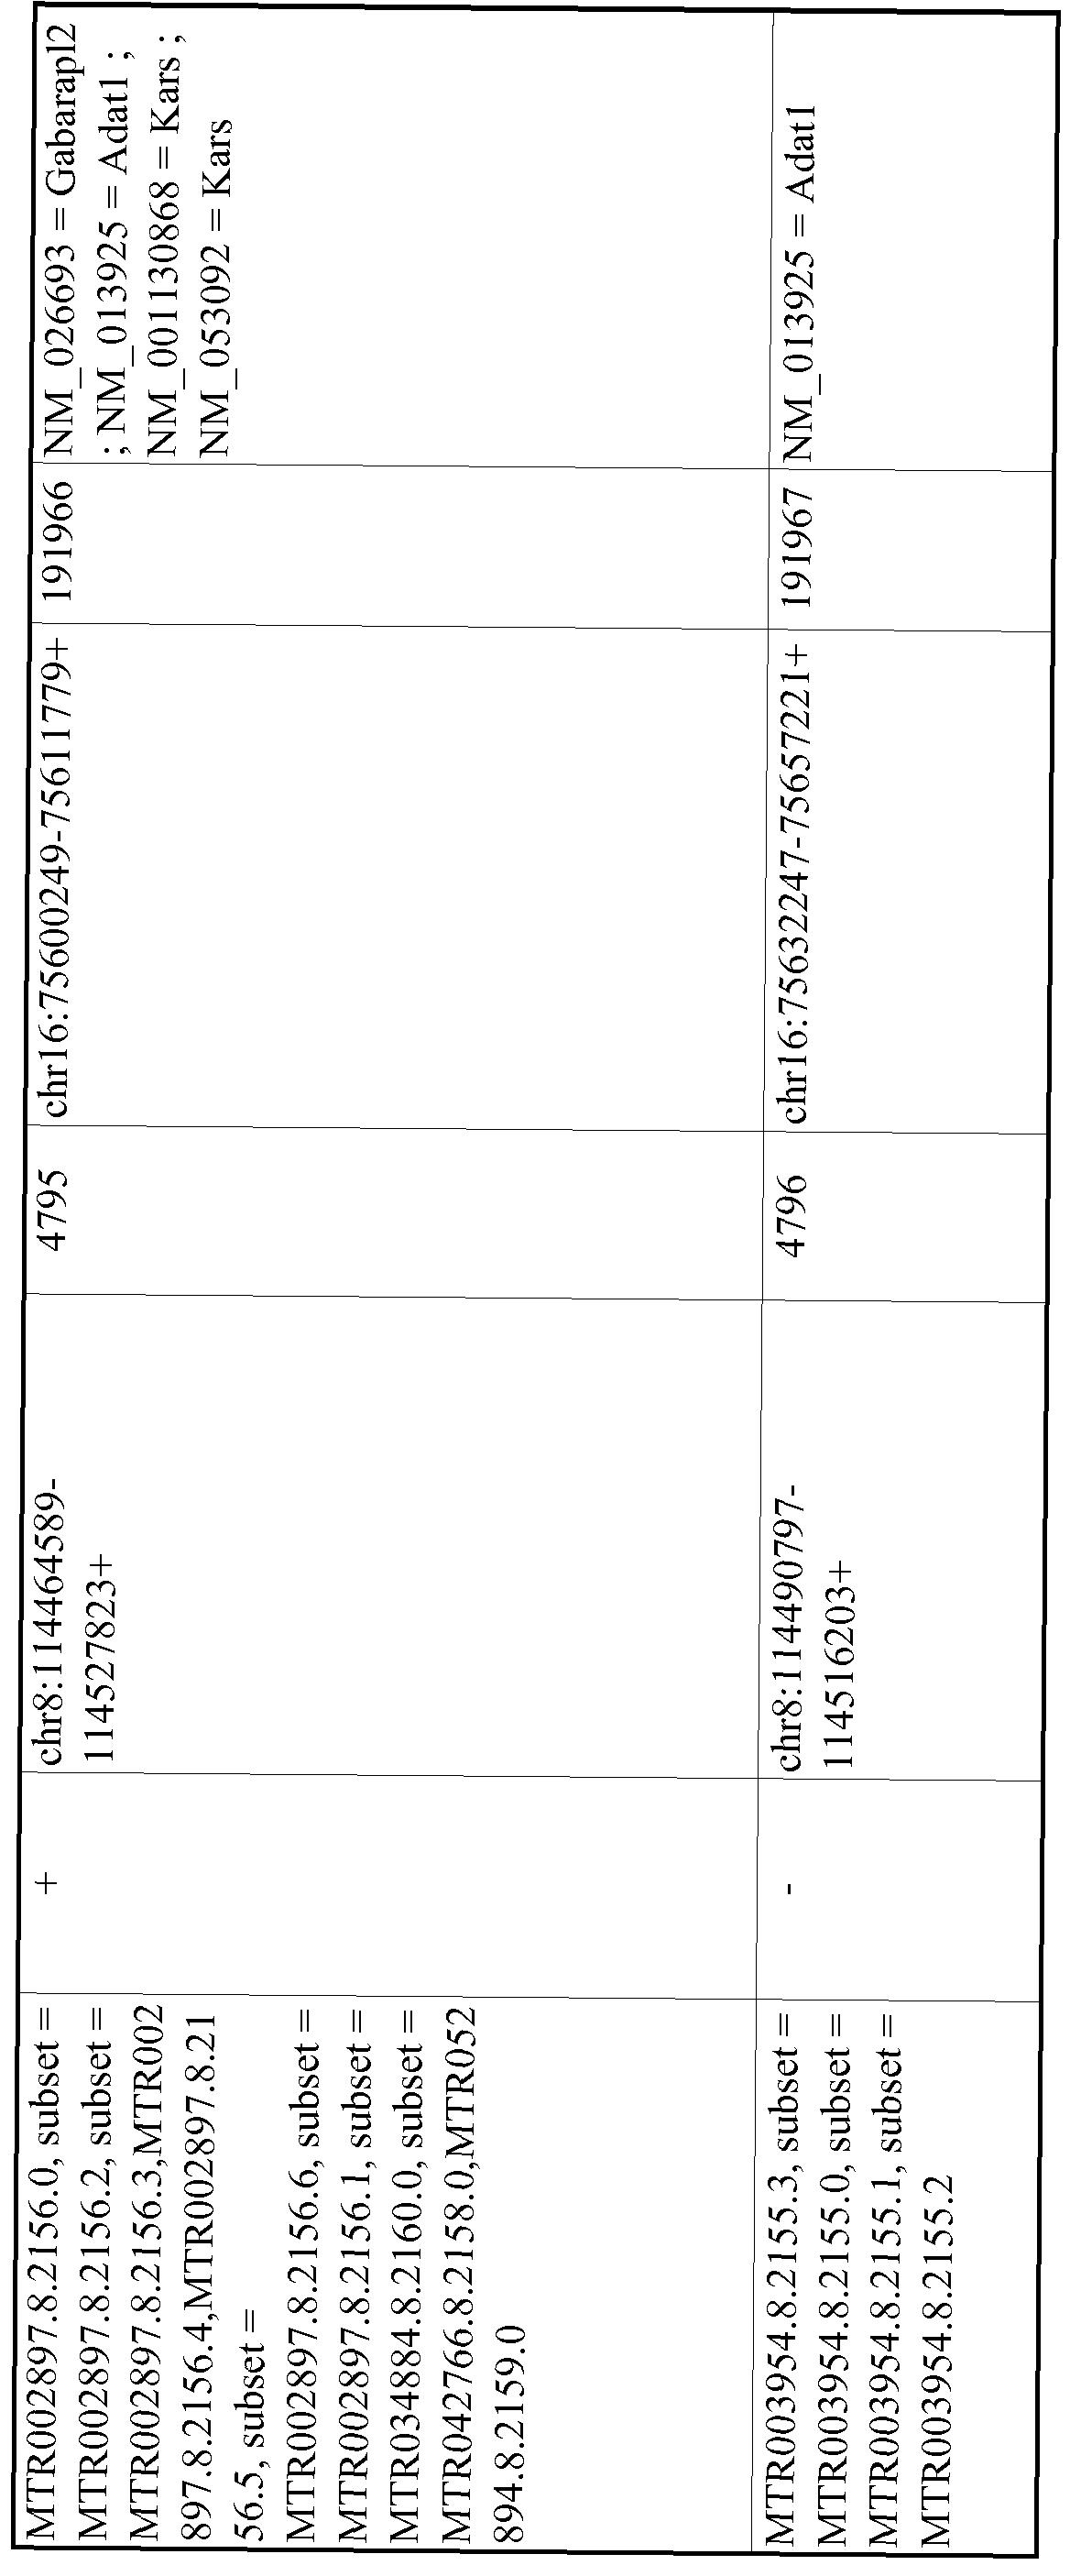 Figure imgf000887_0001